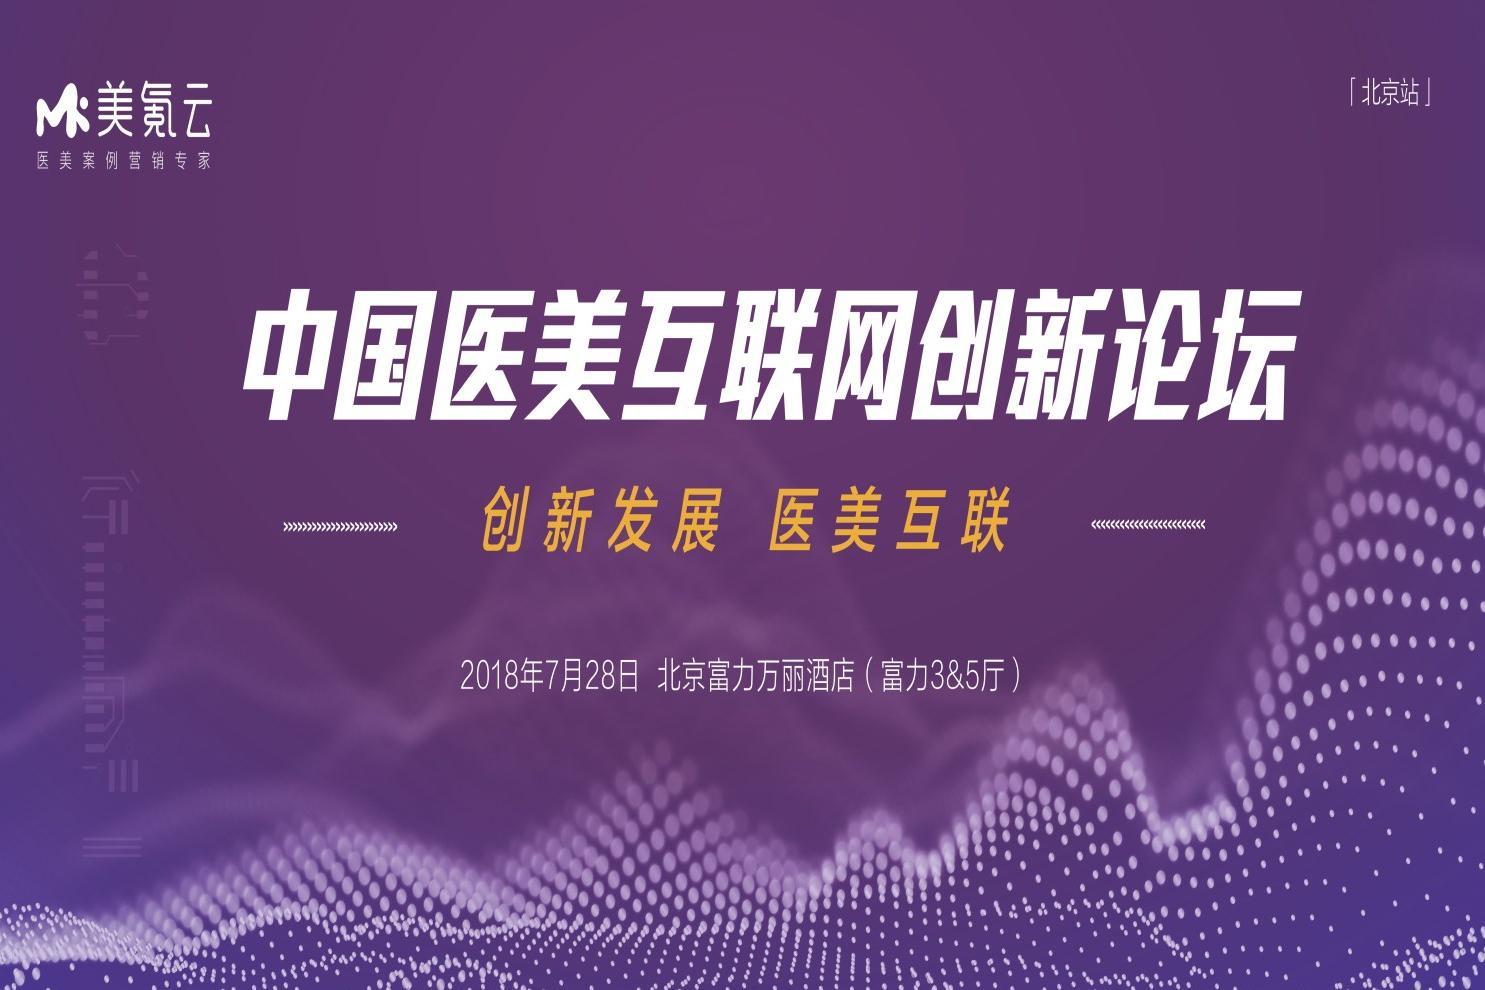 中国医美互联网创新论坛—北京站